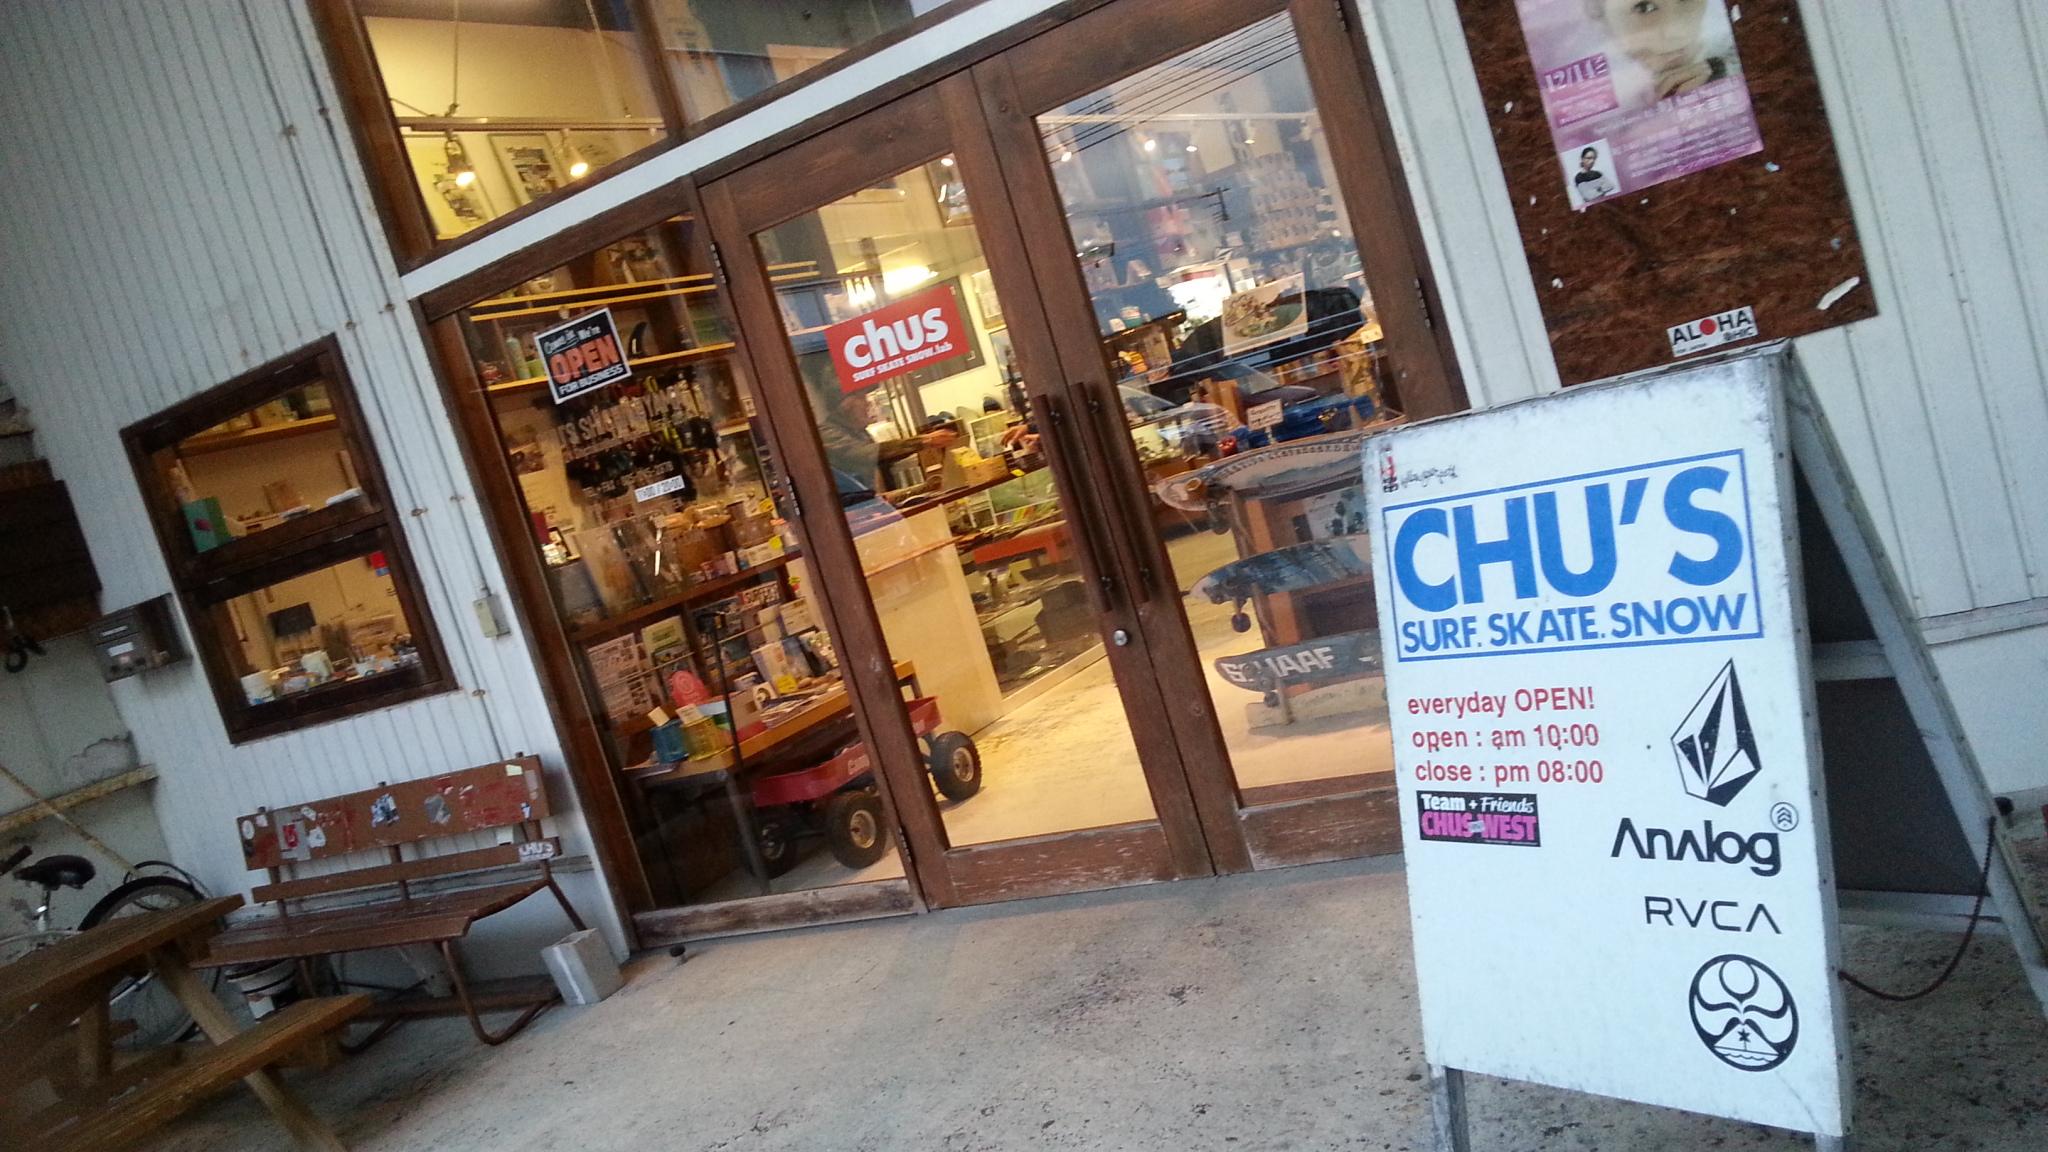 新潟 CHU'S さんにおじゃましました〜